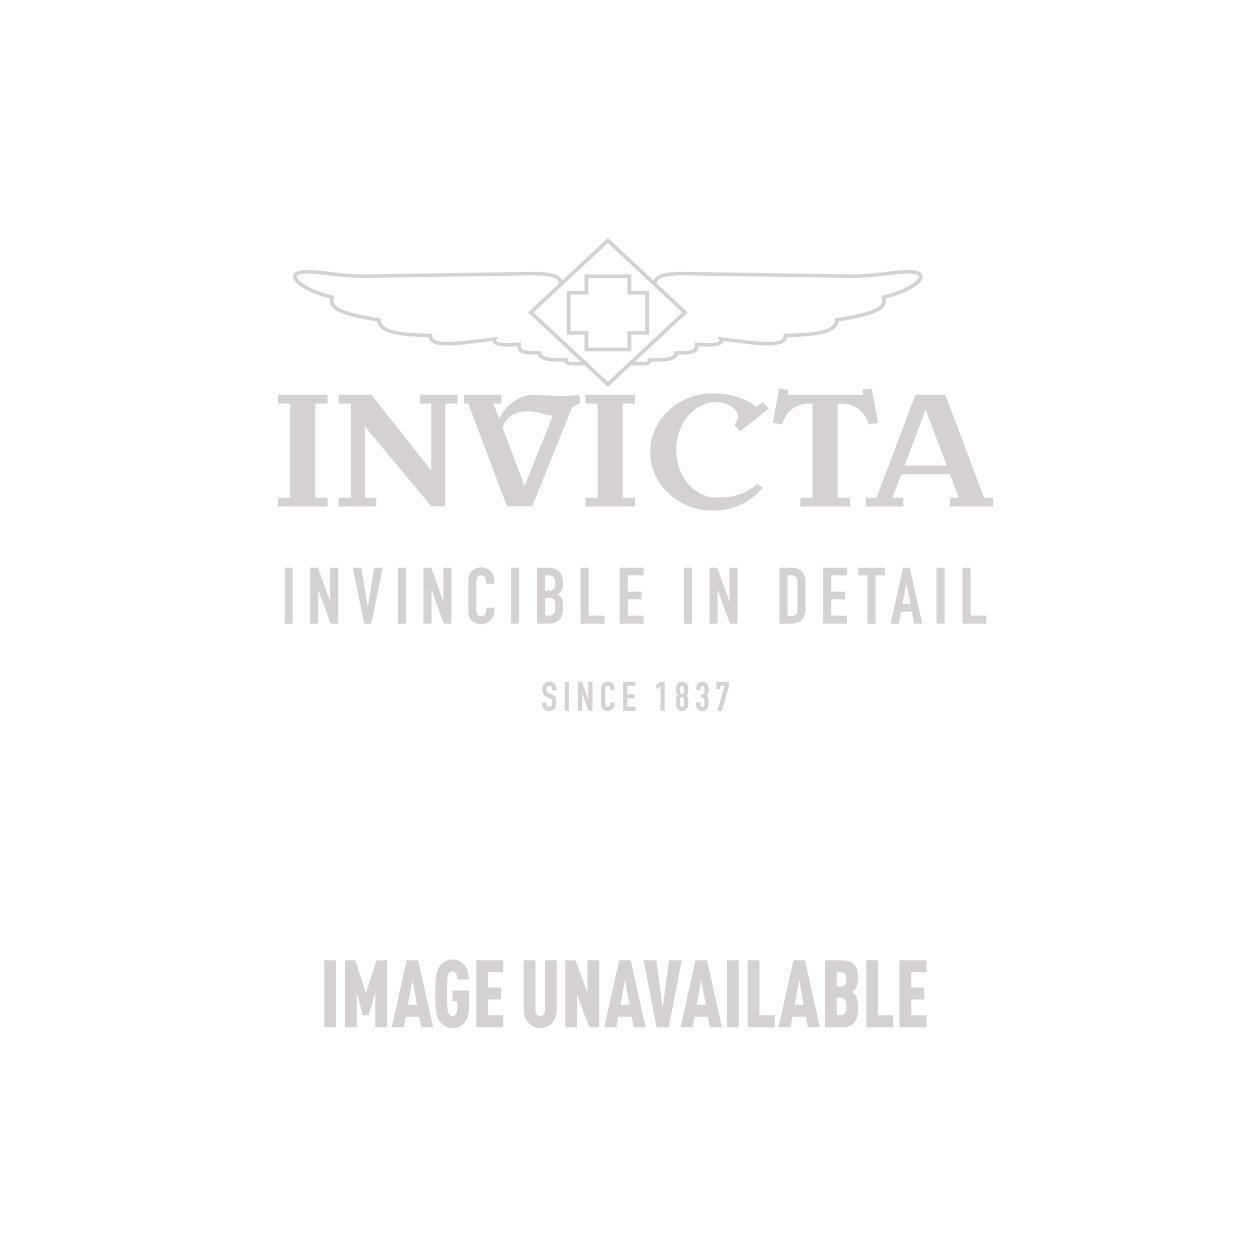 Invicta Model 22697